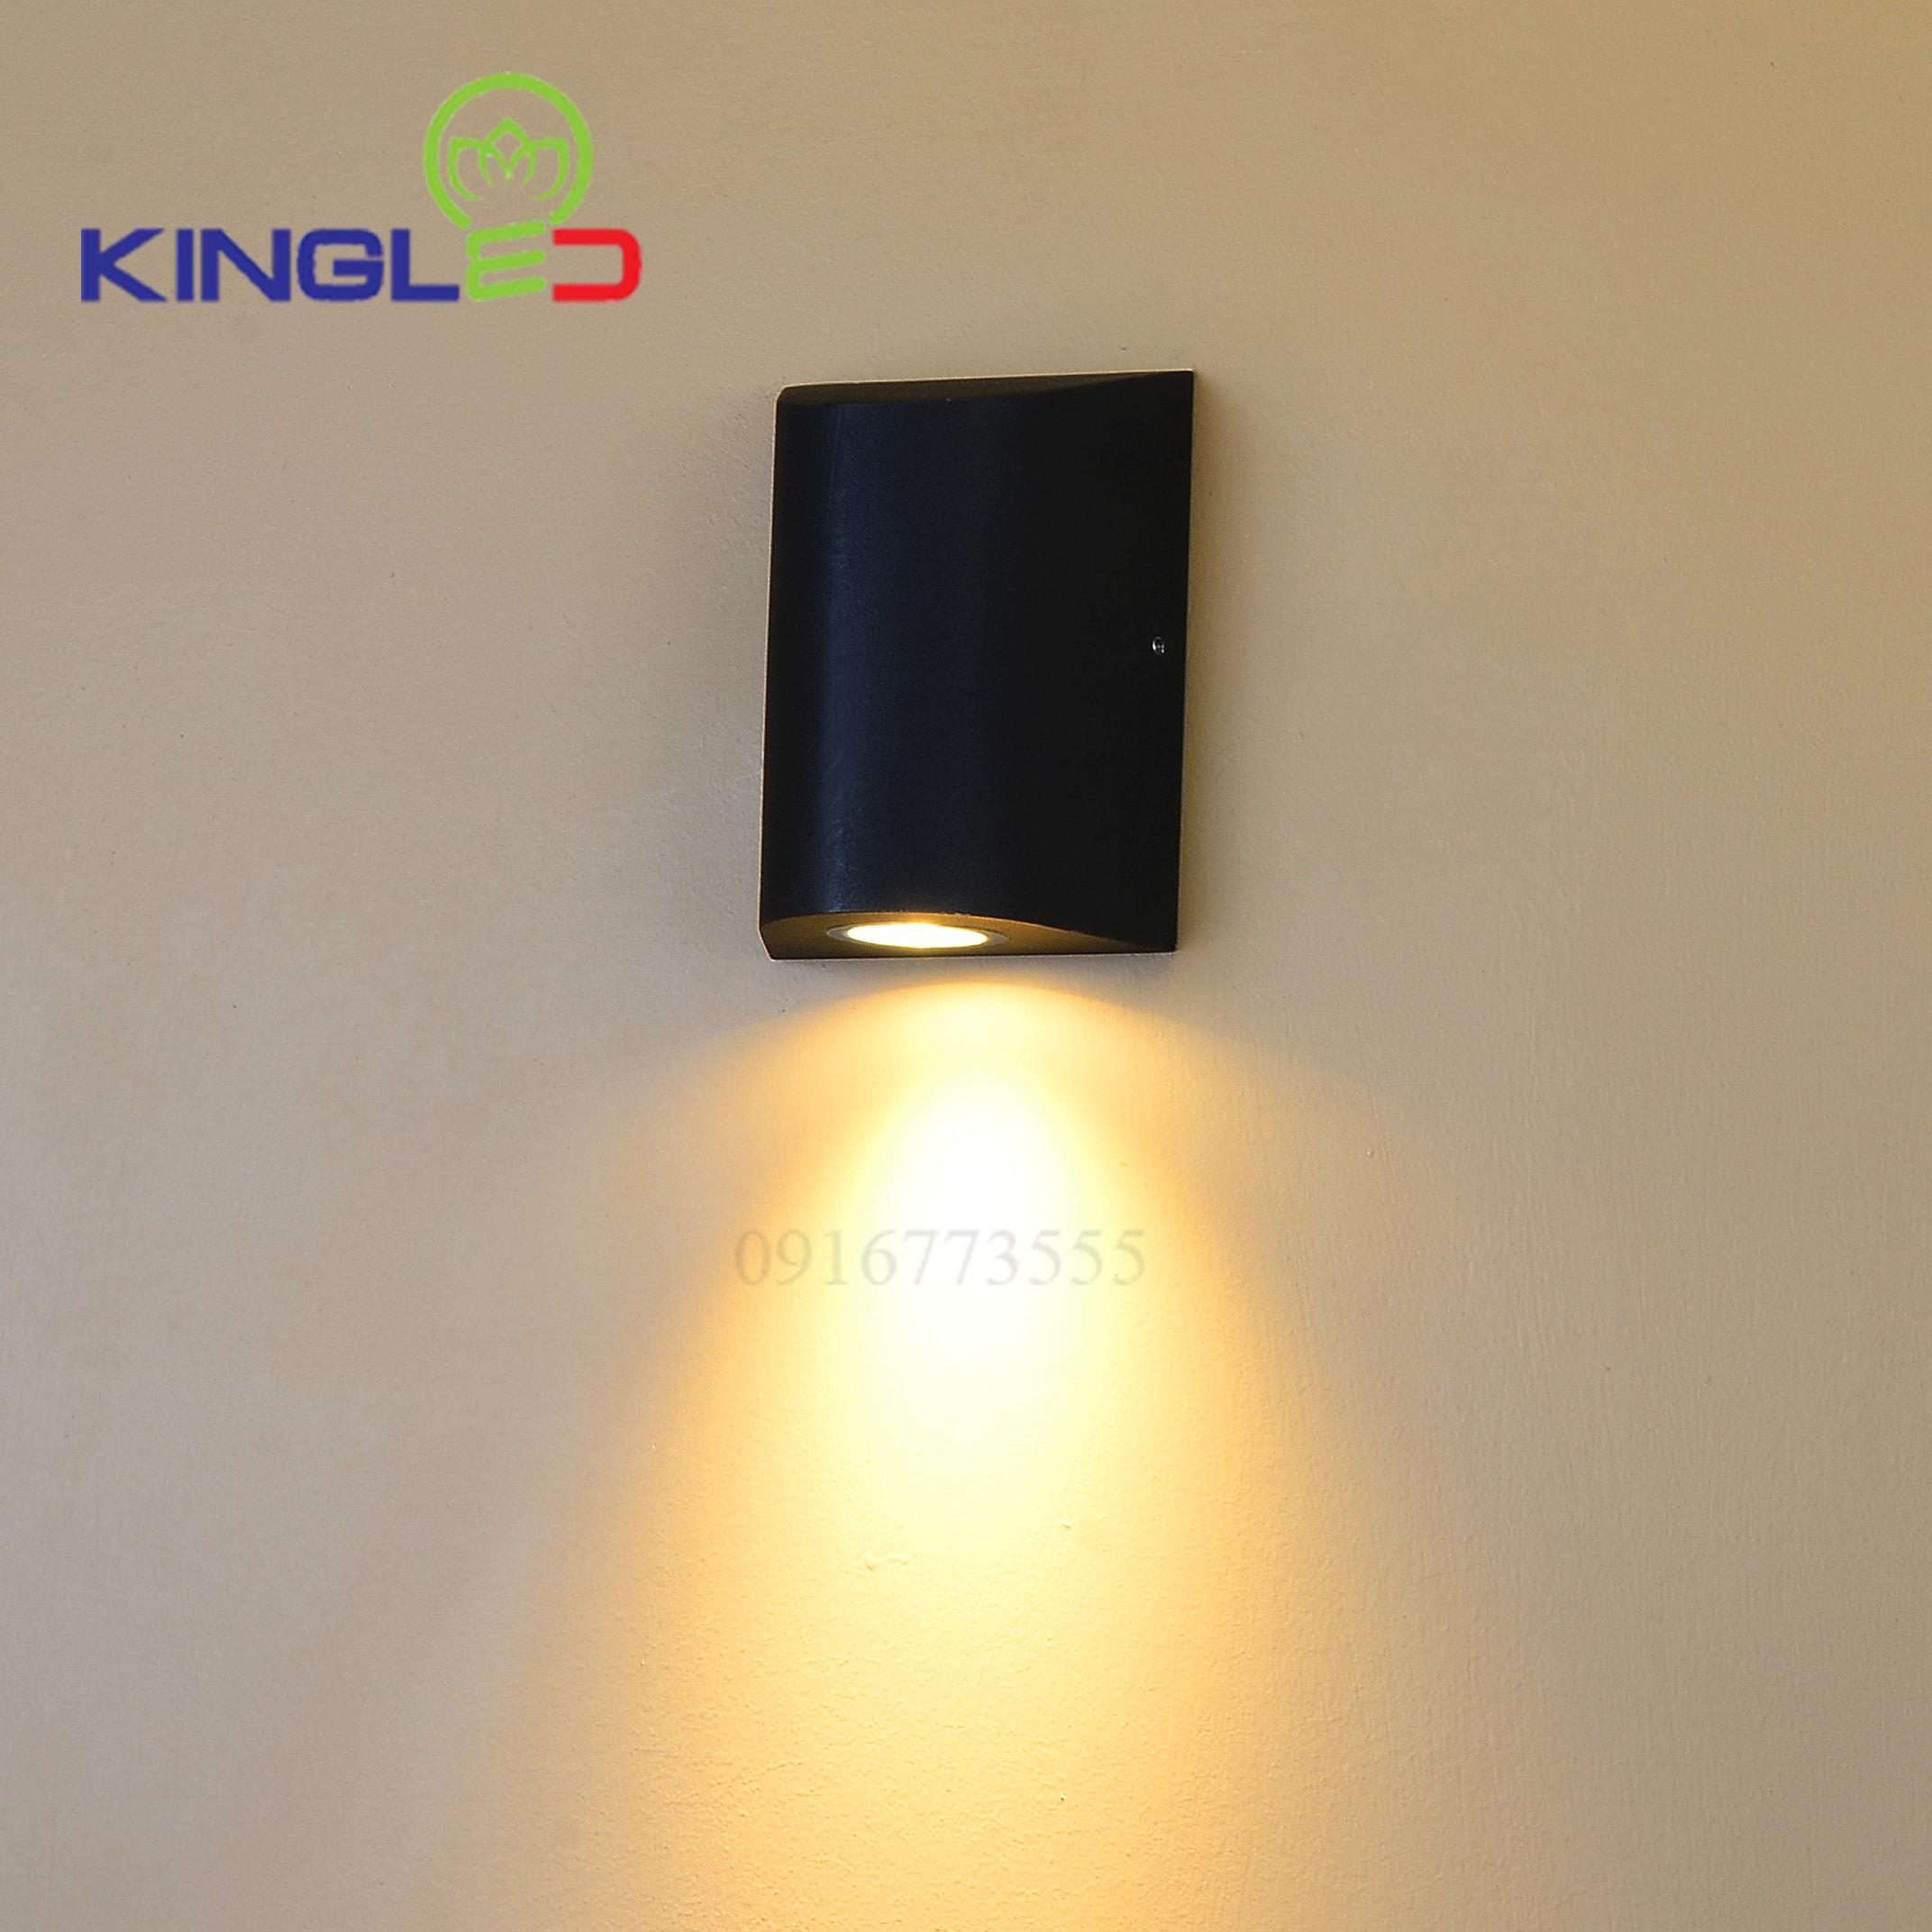 Đèn led gắn tường ngoài trời 12w Kingled LWA0148A-BK